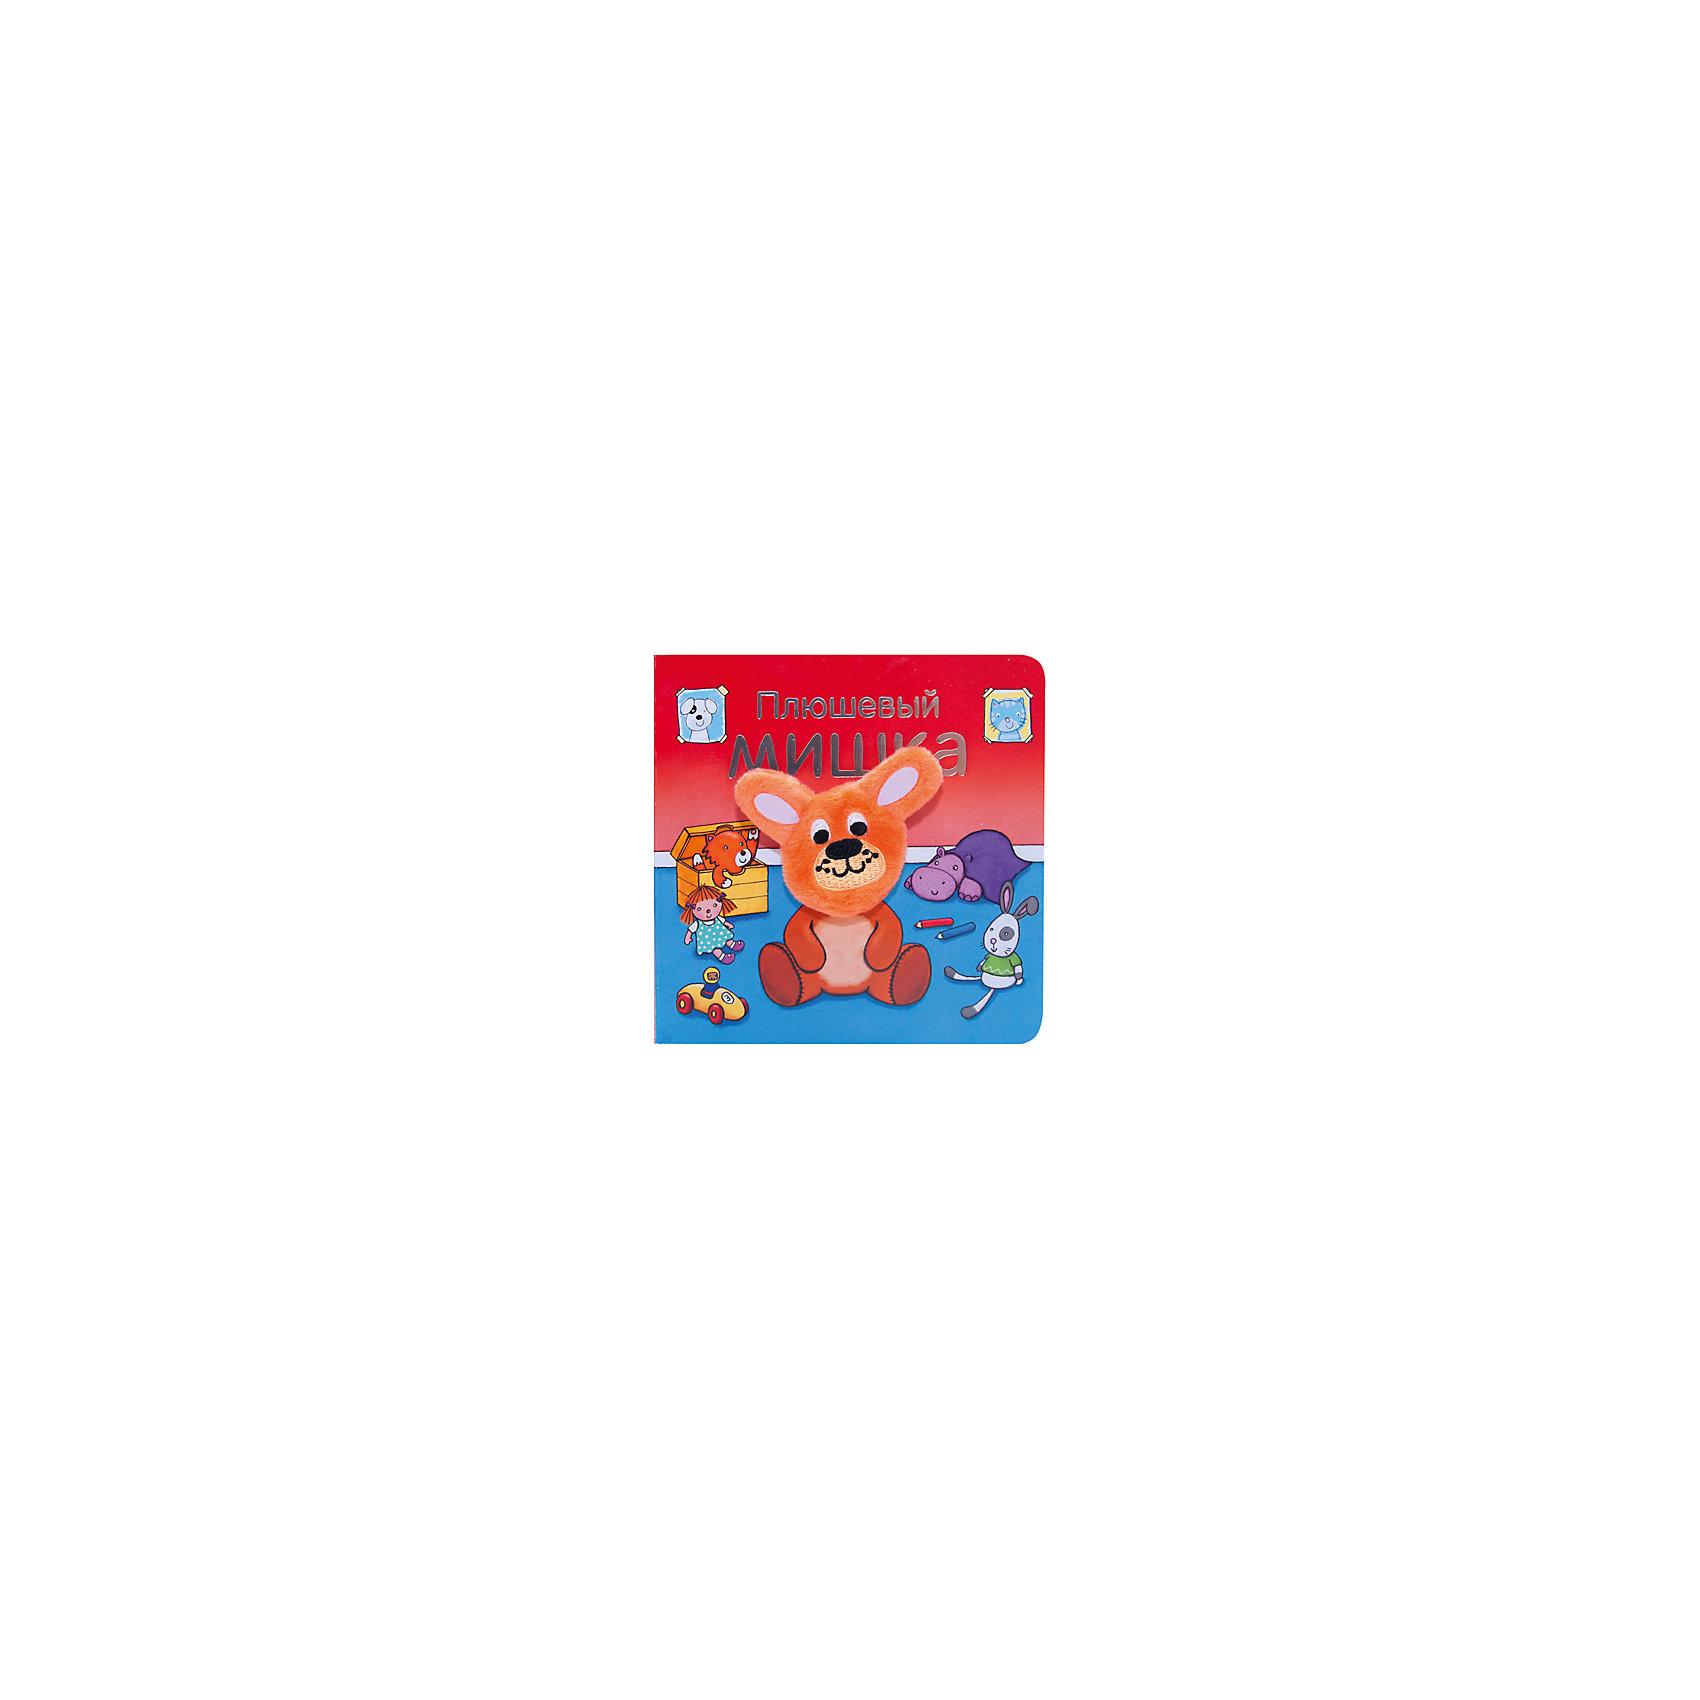 Книжки с пальчиковыми куклами Плюшевый мишка, Мозаика-СинтезТворчество для малышей<br>Книжки с пальчиковыми куклами Плюшевый мишка, Мозаика-Синтез<br><br>Характеристики:<br><br>• Возраст: до 3 лет<br>• Обложка: твердая<br>• Страниц: 12<br>• Автор: О. Мазалева<br>• Размер книги: 12.5 х 12.5 см.<br>• ISBN: 978-5-43151-018-2<br>• Формат: мини<br><br>Эта удивительная книга подарит вашему ребенку много часов счастливой игры и поможет развить воображение. В комплекте с книгой идет не только пальчиковая игрушка, но и множество стихов и описания приключений героя, которые подарят вам возможность увлечь малыша рассказом, помочь ему в развитии фантазии и дать поиграть с милой игрушкой. Книга имеет закругленные края и изготовлена на плотном картоне, чтобы быть абсолютно безопасной для вашего малыша.<br><br>Книжки с пальчиковыми куклами Плюшевый мишка, Мозаика-Синтез можно купить в нашем интернет-магазине.<br><br>Ширина мм: 125<br>Глубина мм: 125<br>Высота мм: 17<br>Вес г: 0<br>Возраст от месяцев: 12<br>Возраст до месяцев: 36<br>Пол: Унисекс<br>Возраст: Детский<br>SKU: 5441685